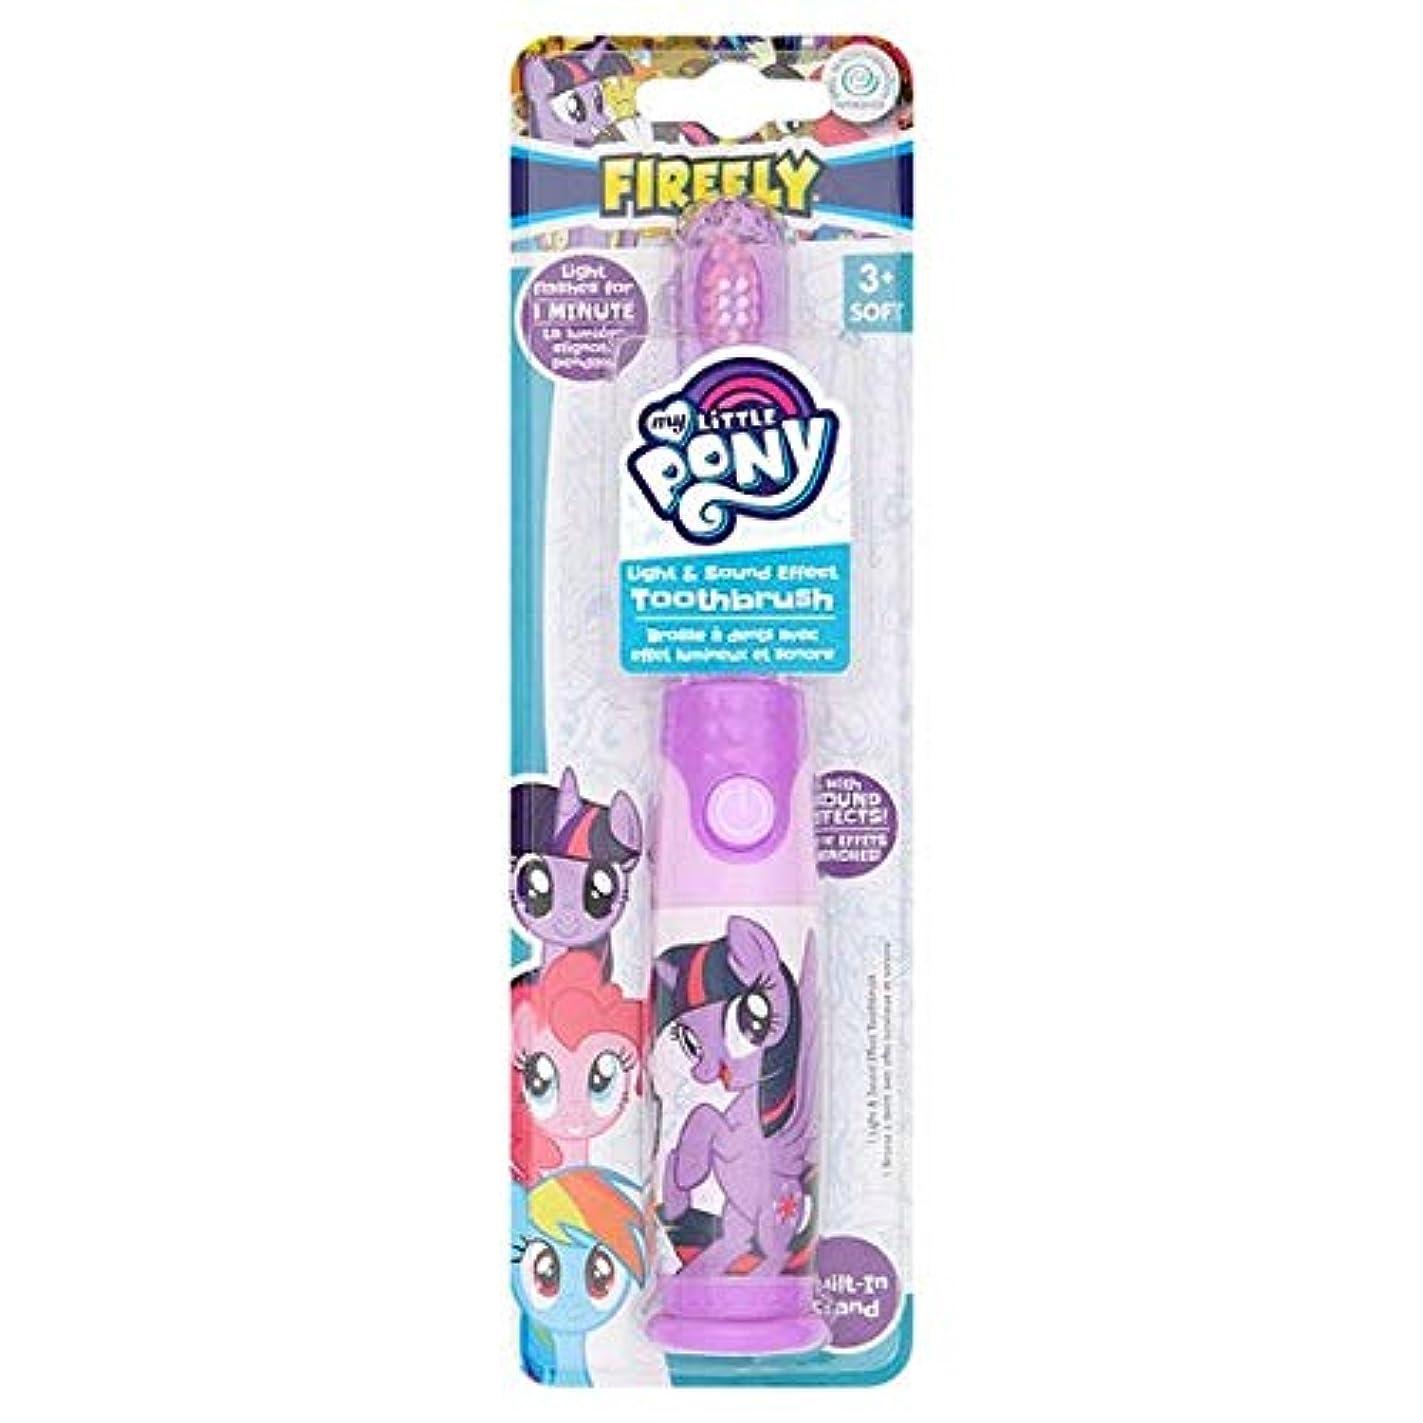 談話大宇宙スリチンモイ[Firefly ] 私の小さなポニーのホタルの光と音の歯ブラシ - My Little Pony Firefly Light And Sound Toothbrush [並行輸入品]